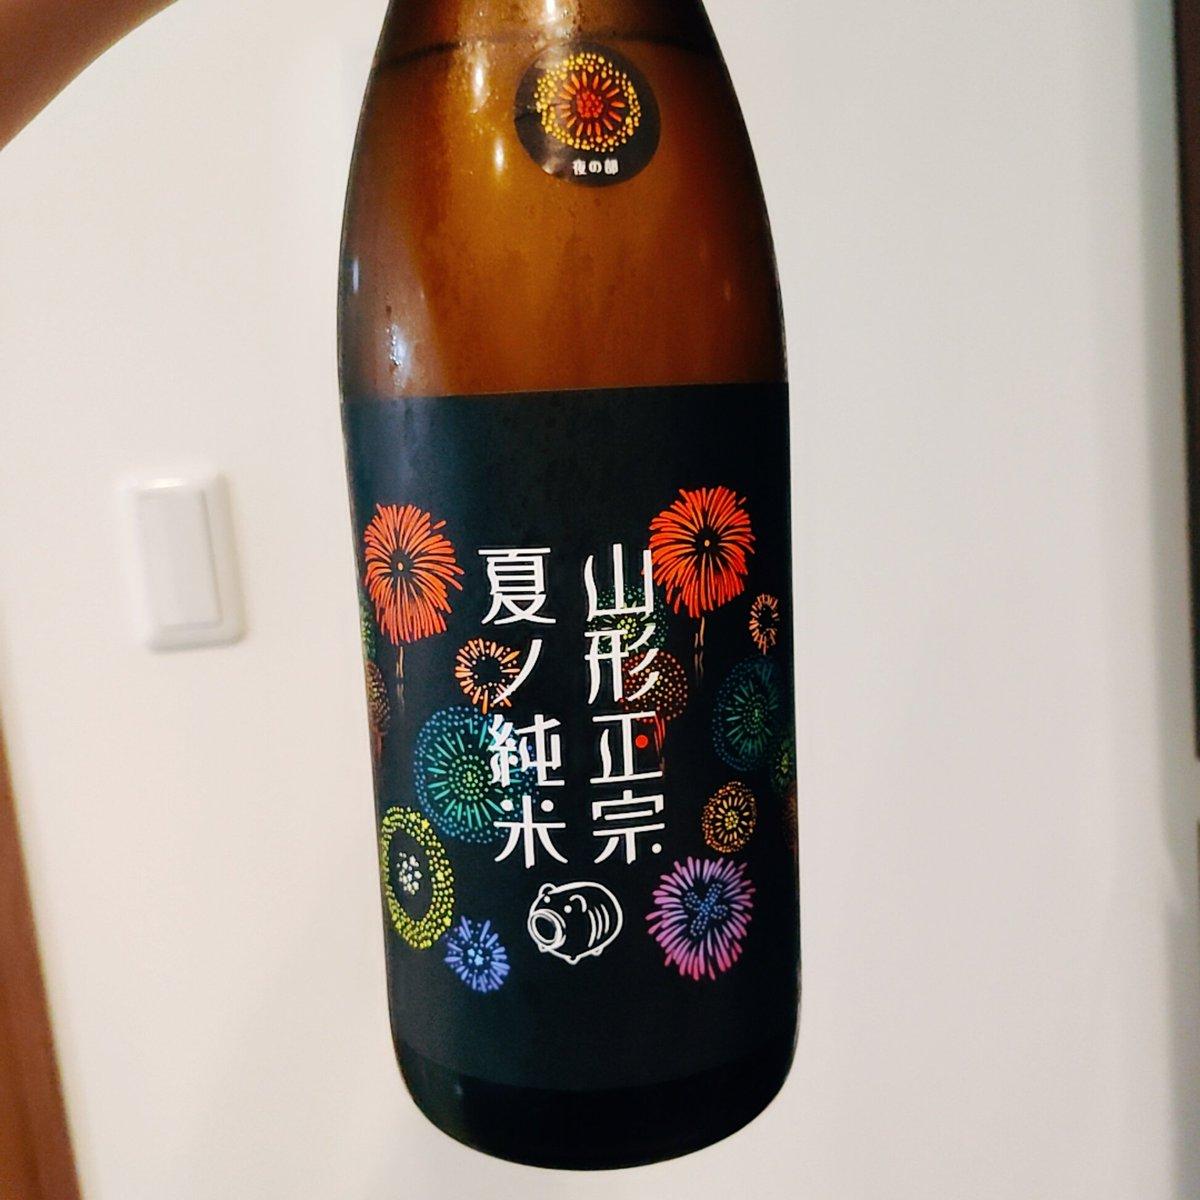 test ツイッターメディア - 今年もこの季節がやってきたので、買ってきました! 山形正宗 夏ノ純米✨ 今年は一升瓶で買った😊 これめっちゃ美味しいので推しの1本です! そしてリプで教えて貰ったポテチから北海道リッチバター✨ これ美味しい!すき!!リピる! #今日の日本酒レビュー https://t.co/Tcx4EbSula https://t.co/SwmJI2opP5